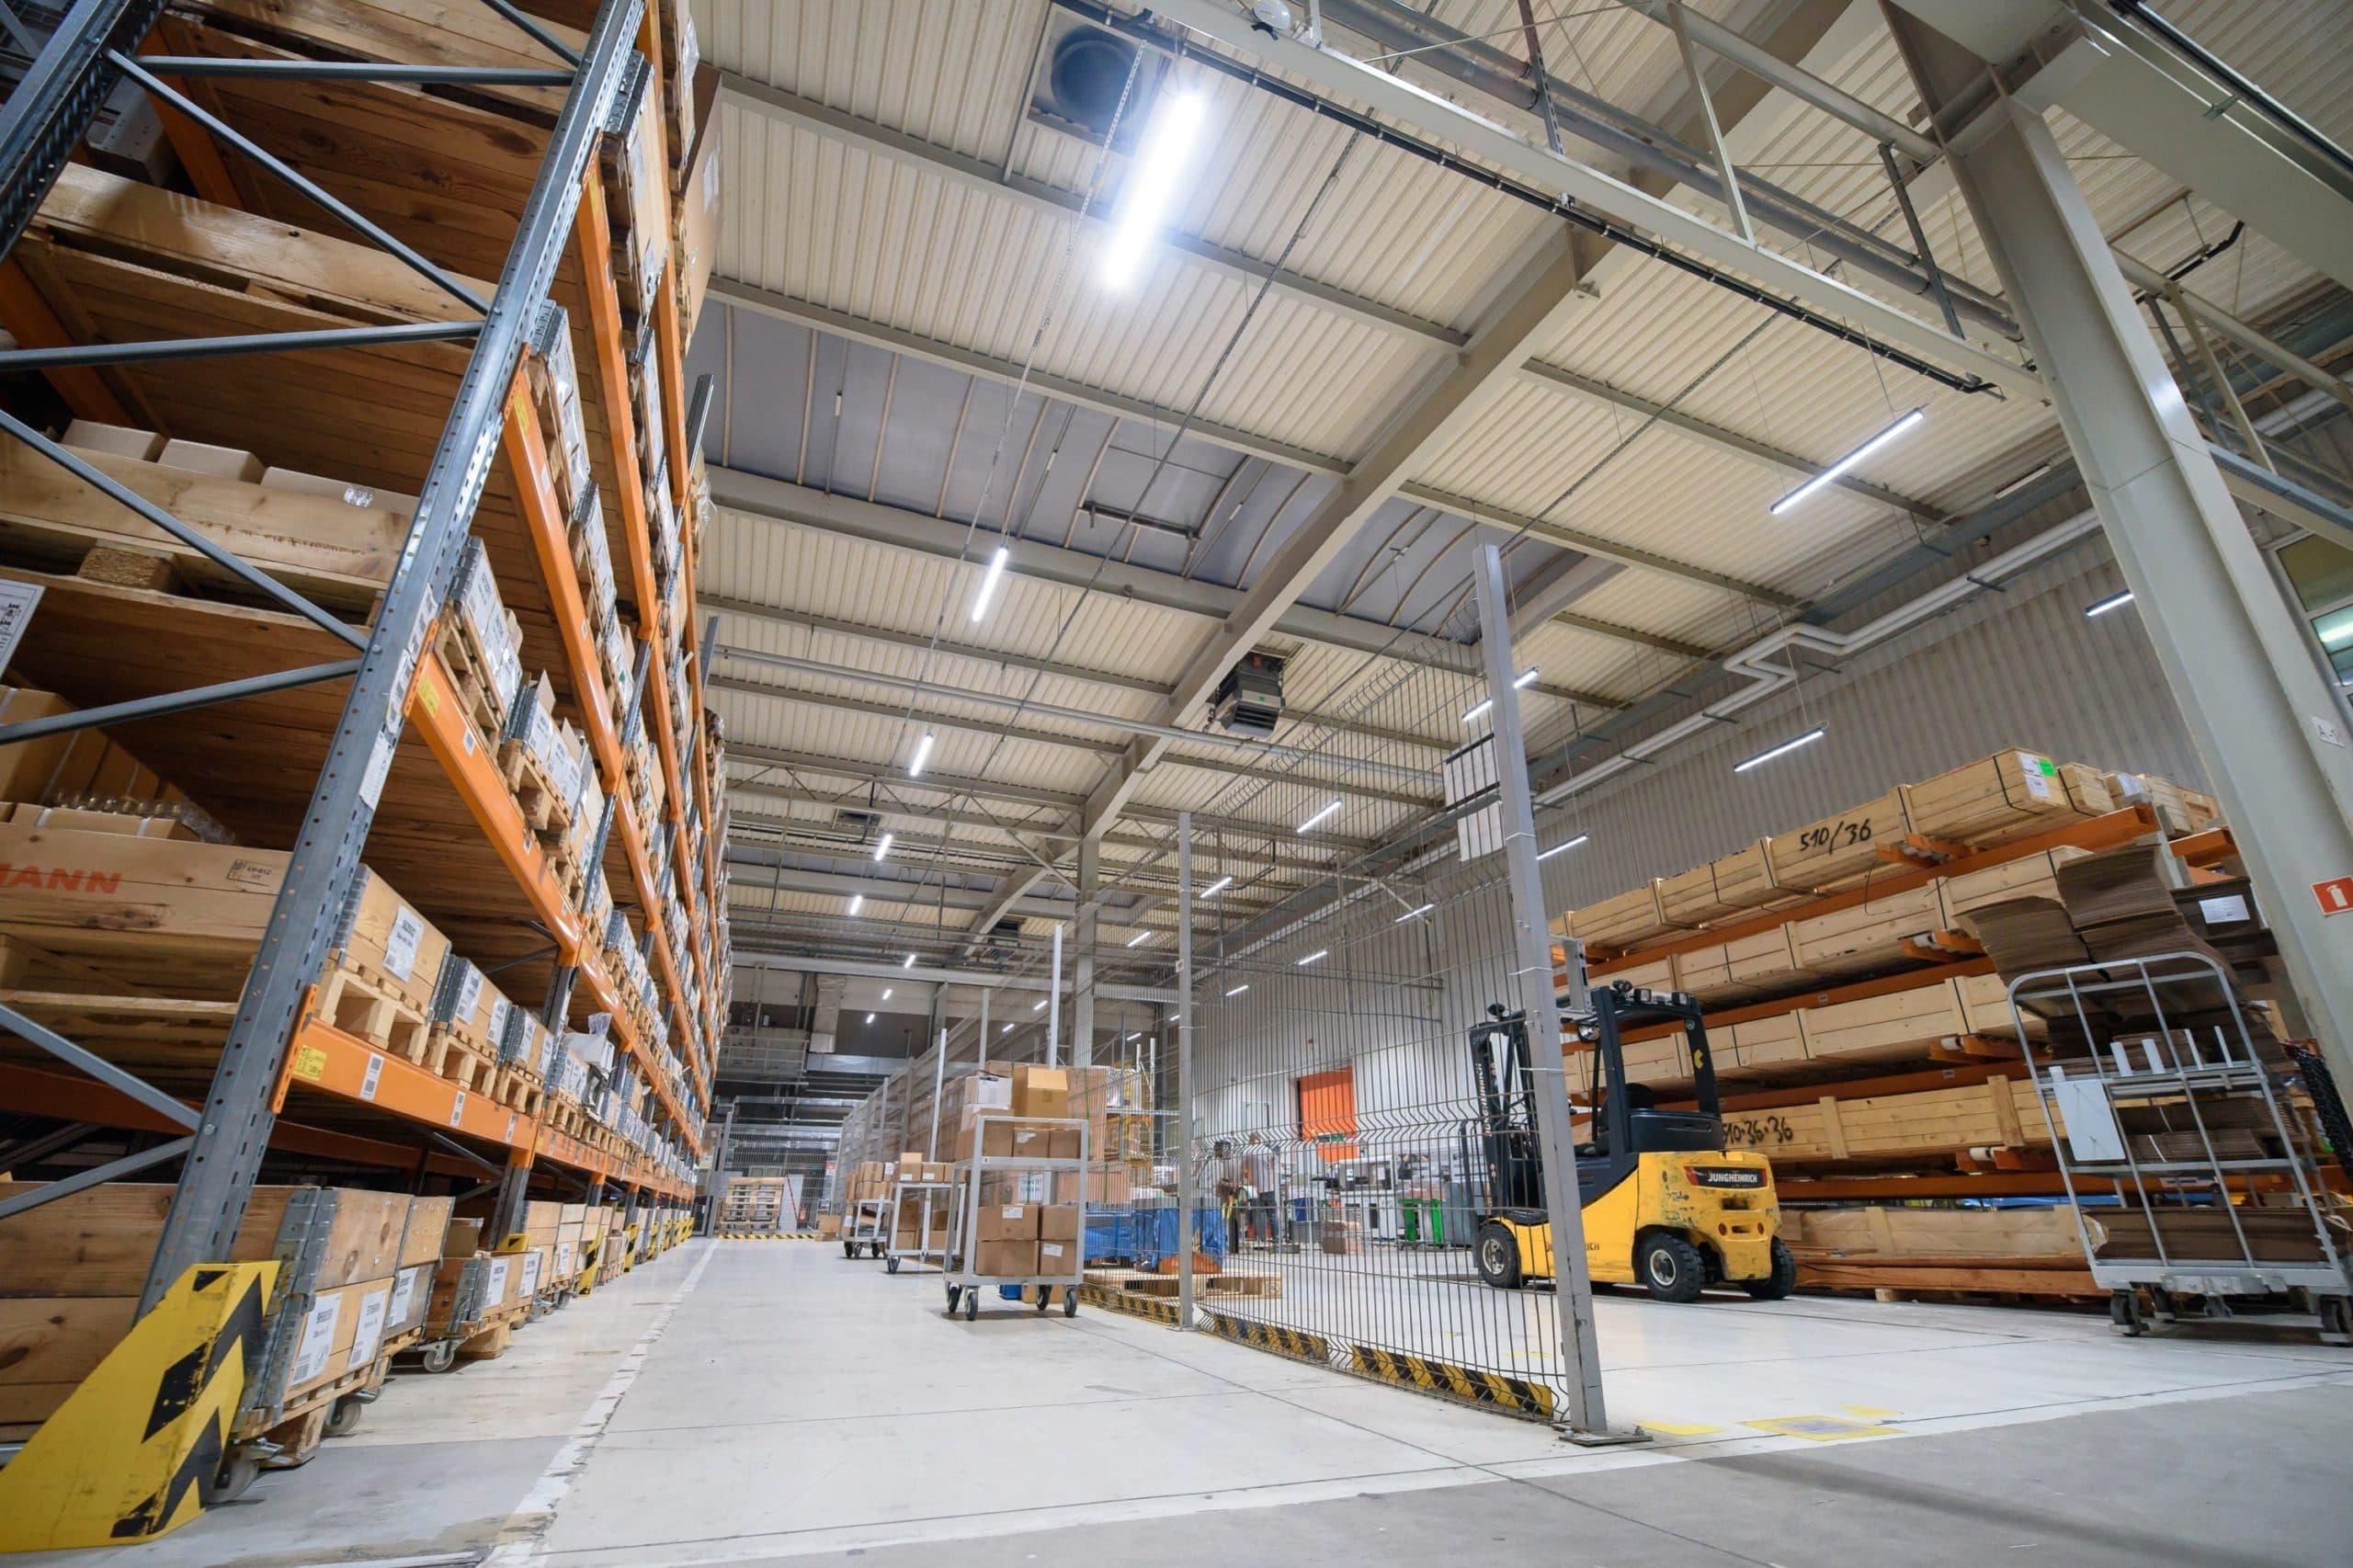 Oprawy Industrial w zmodernizowanyej hali magazynowej firmy Broen - Luxon LED